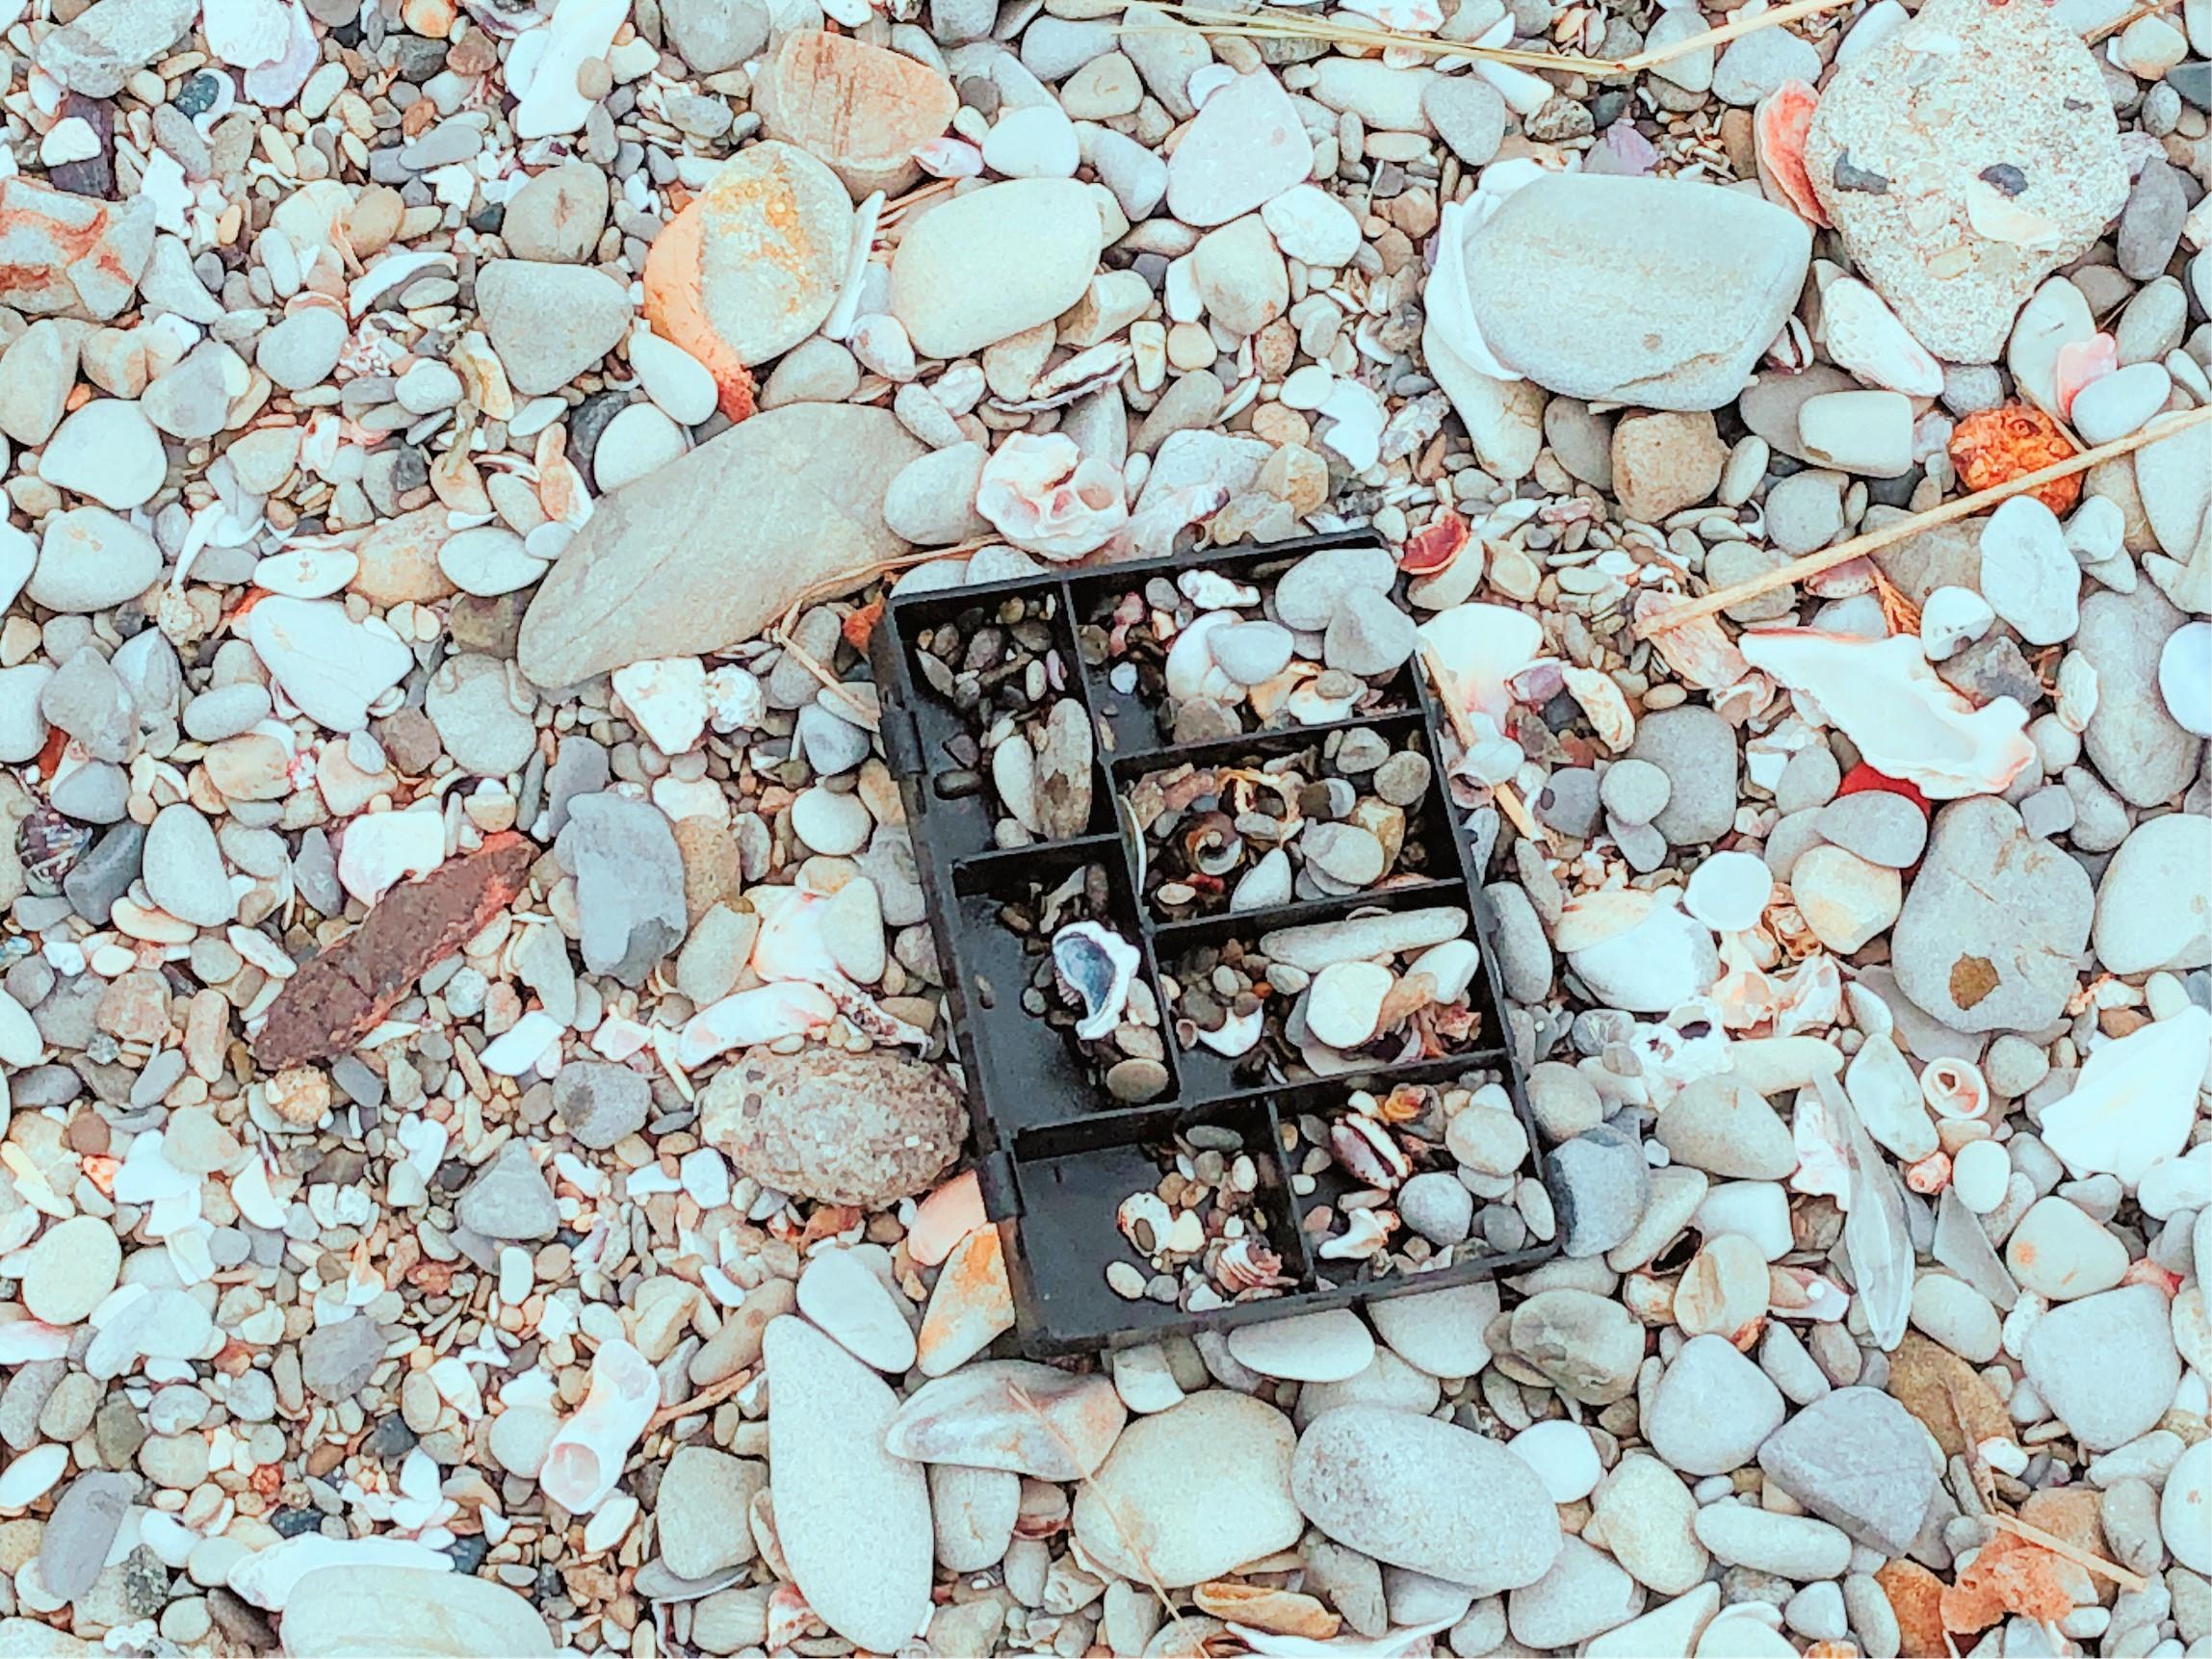 真名瀬海岸の砂浜にはいろんなものが転がっていたよ